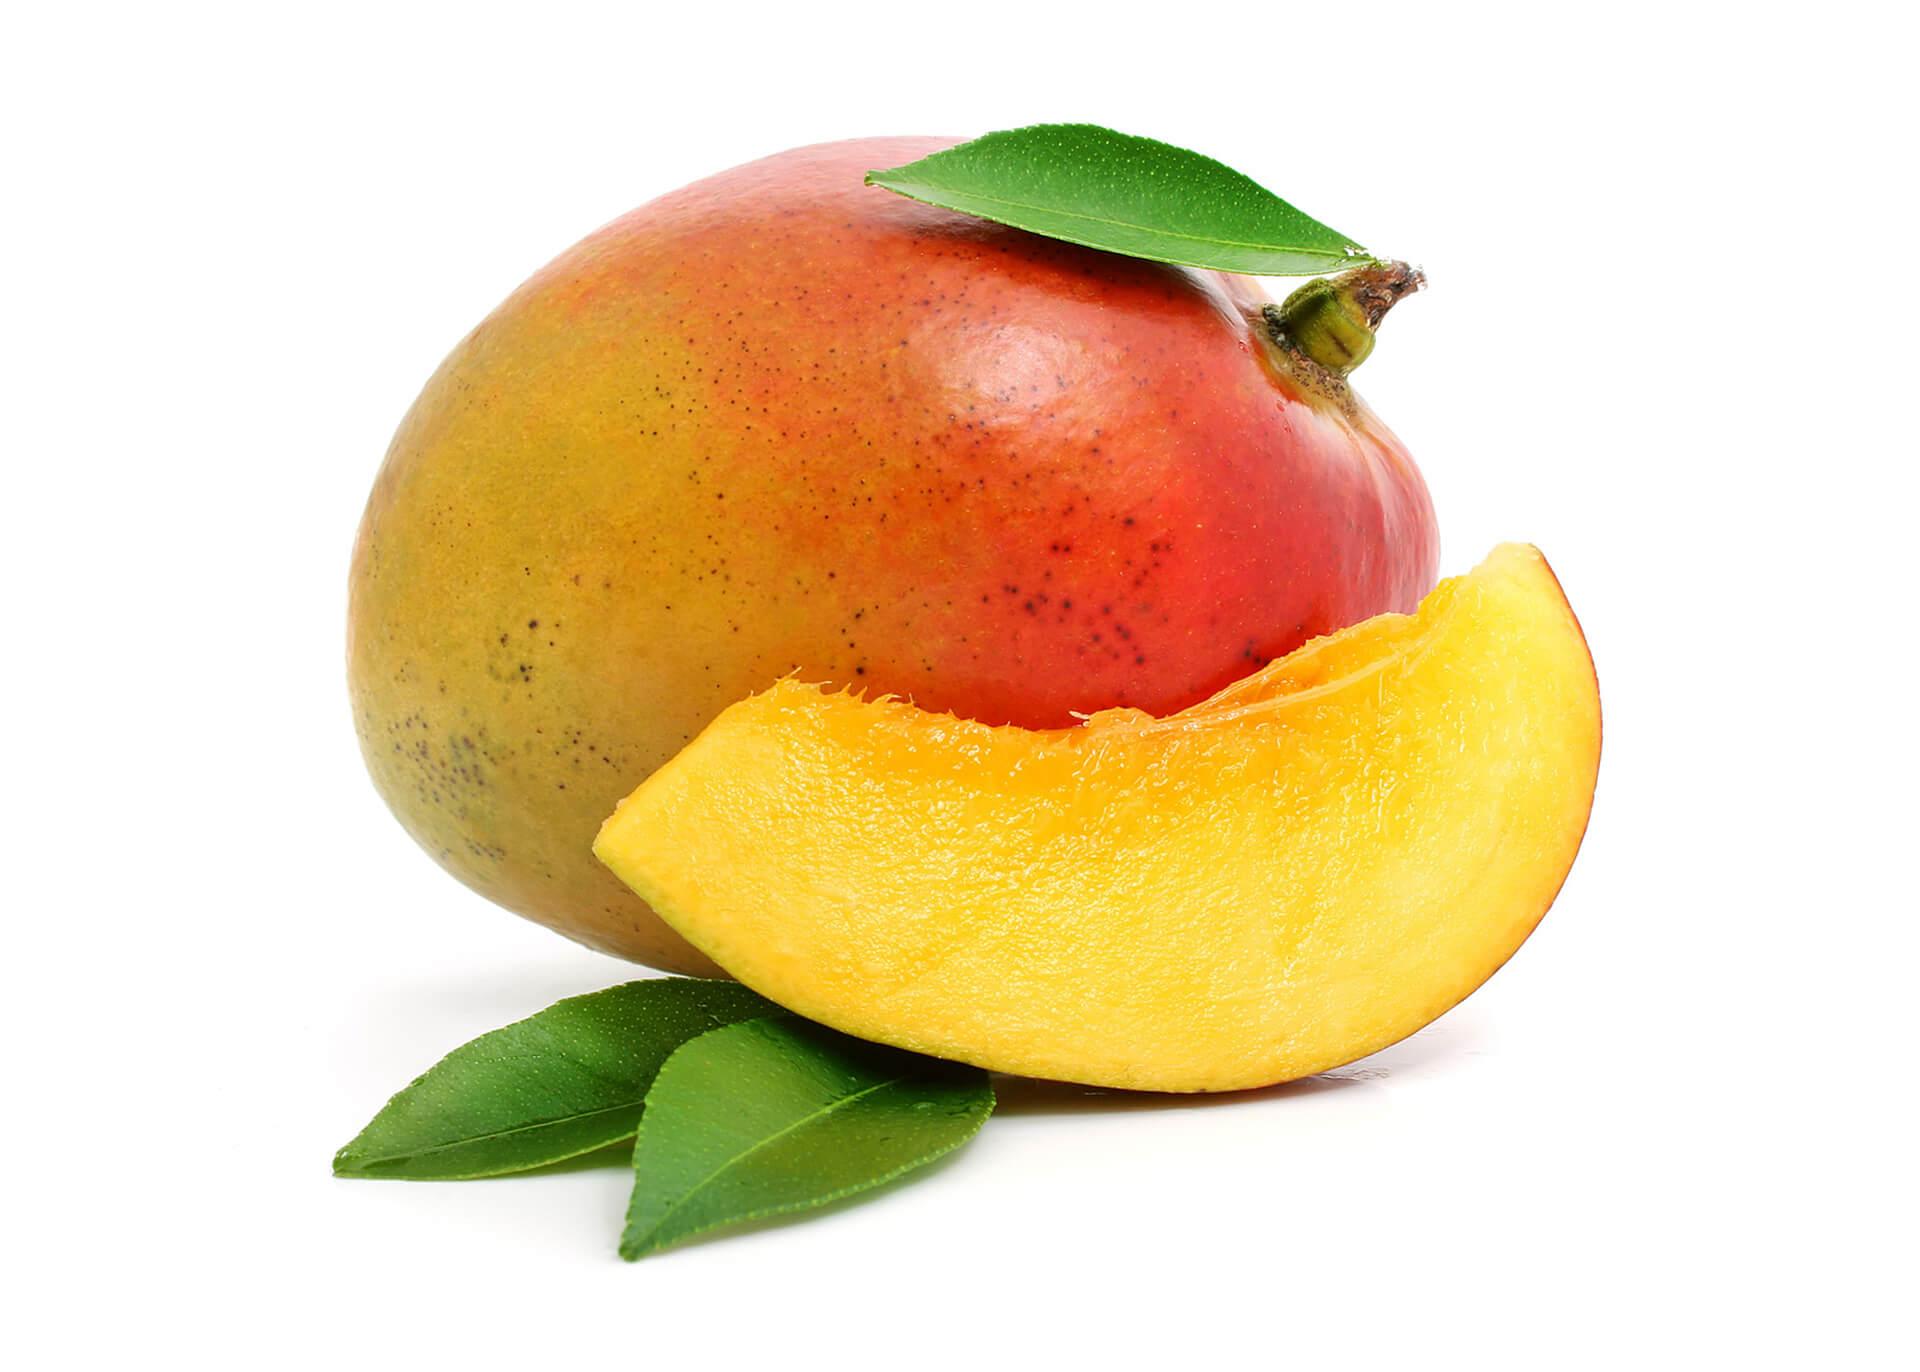 Mango cutout